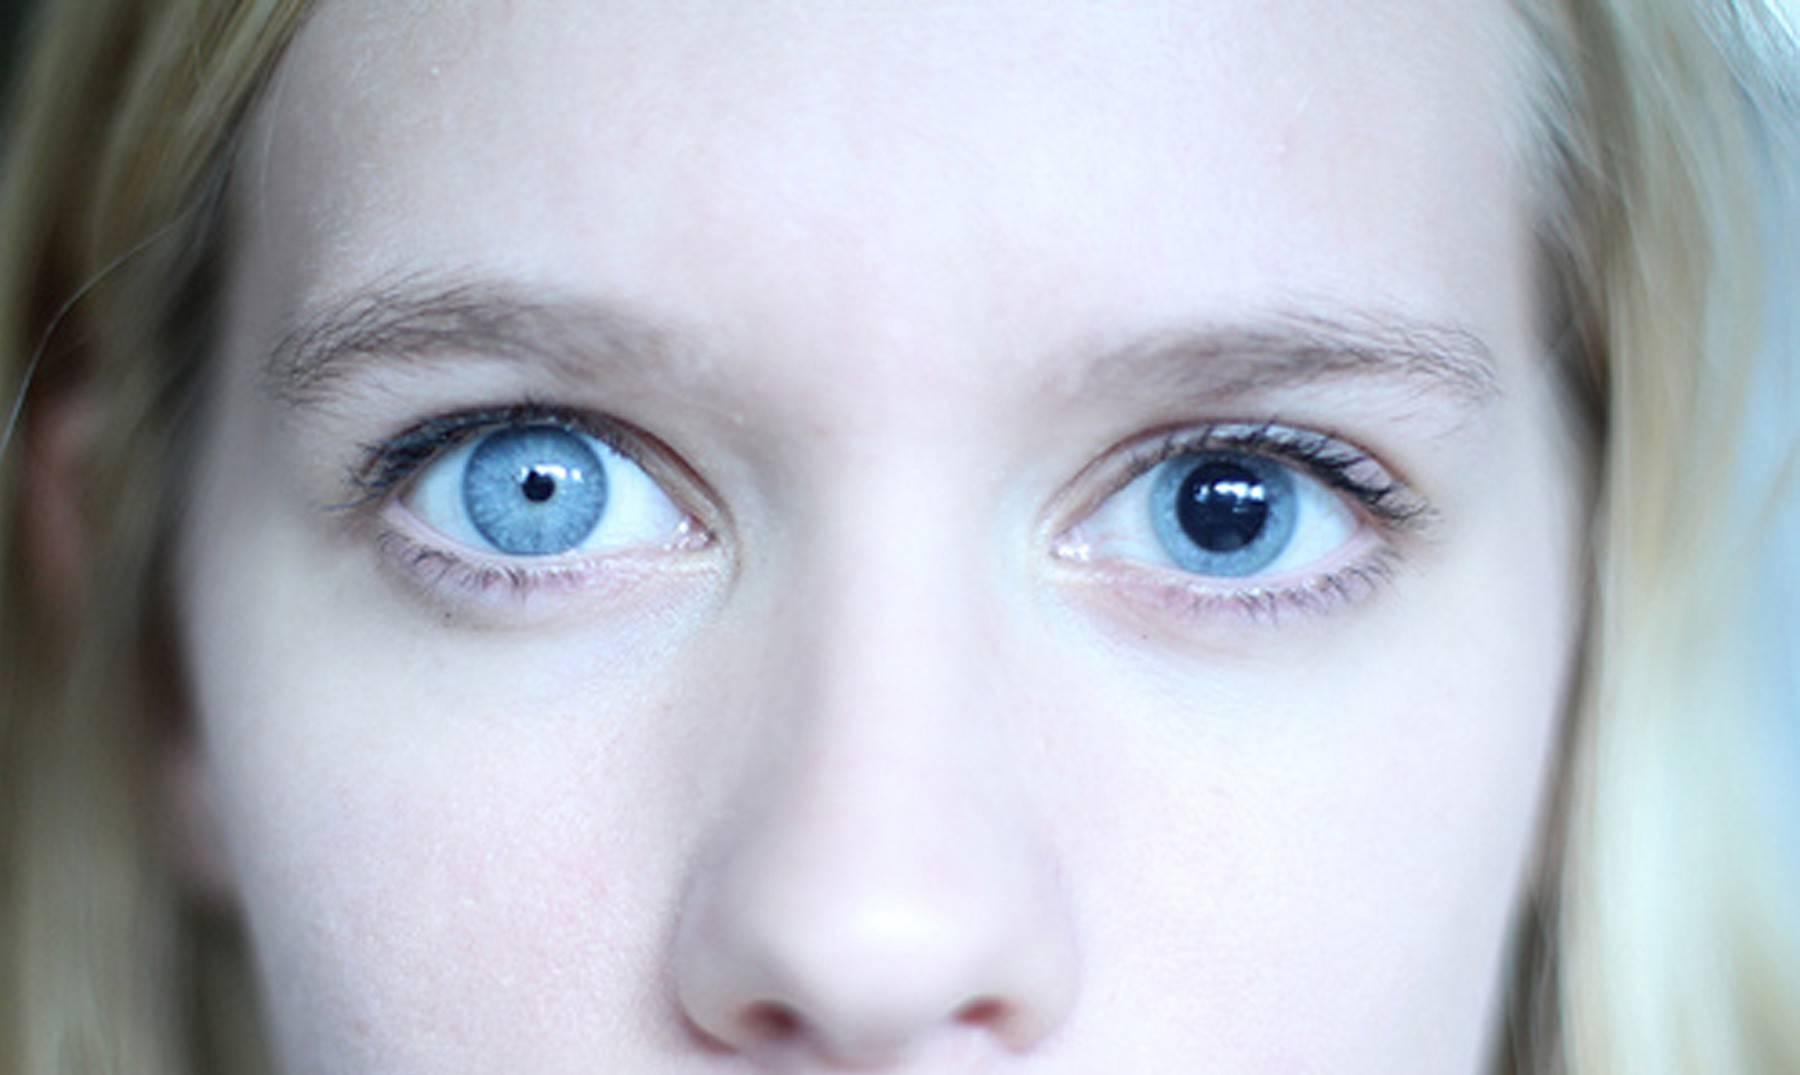 Почему у ребенка или взрослого могут быть расширенные зрачки? распространенные причины и их объяснение